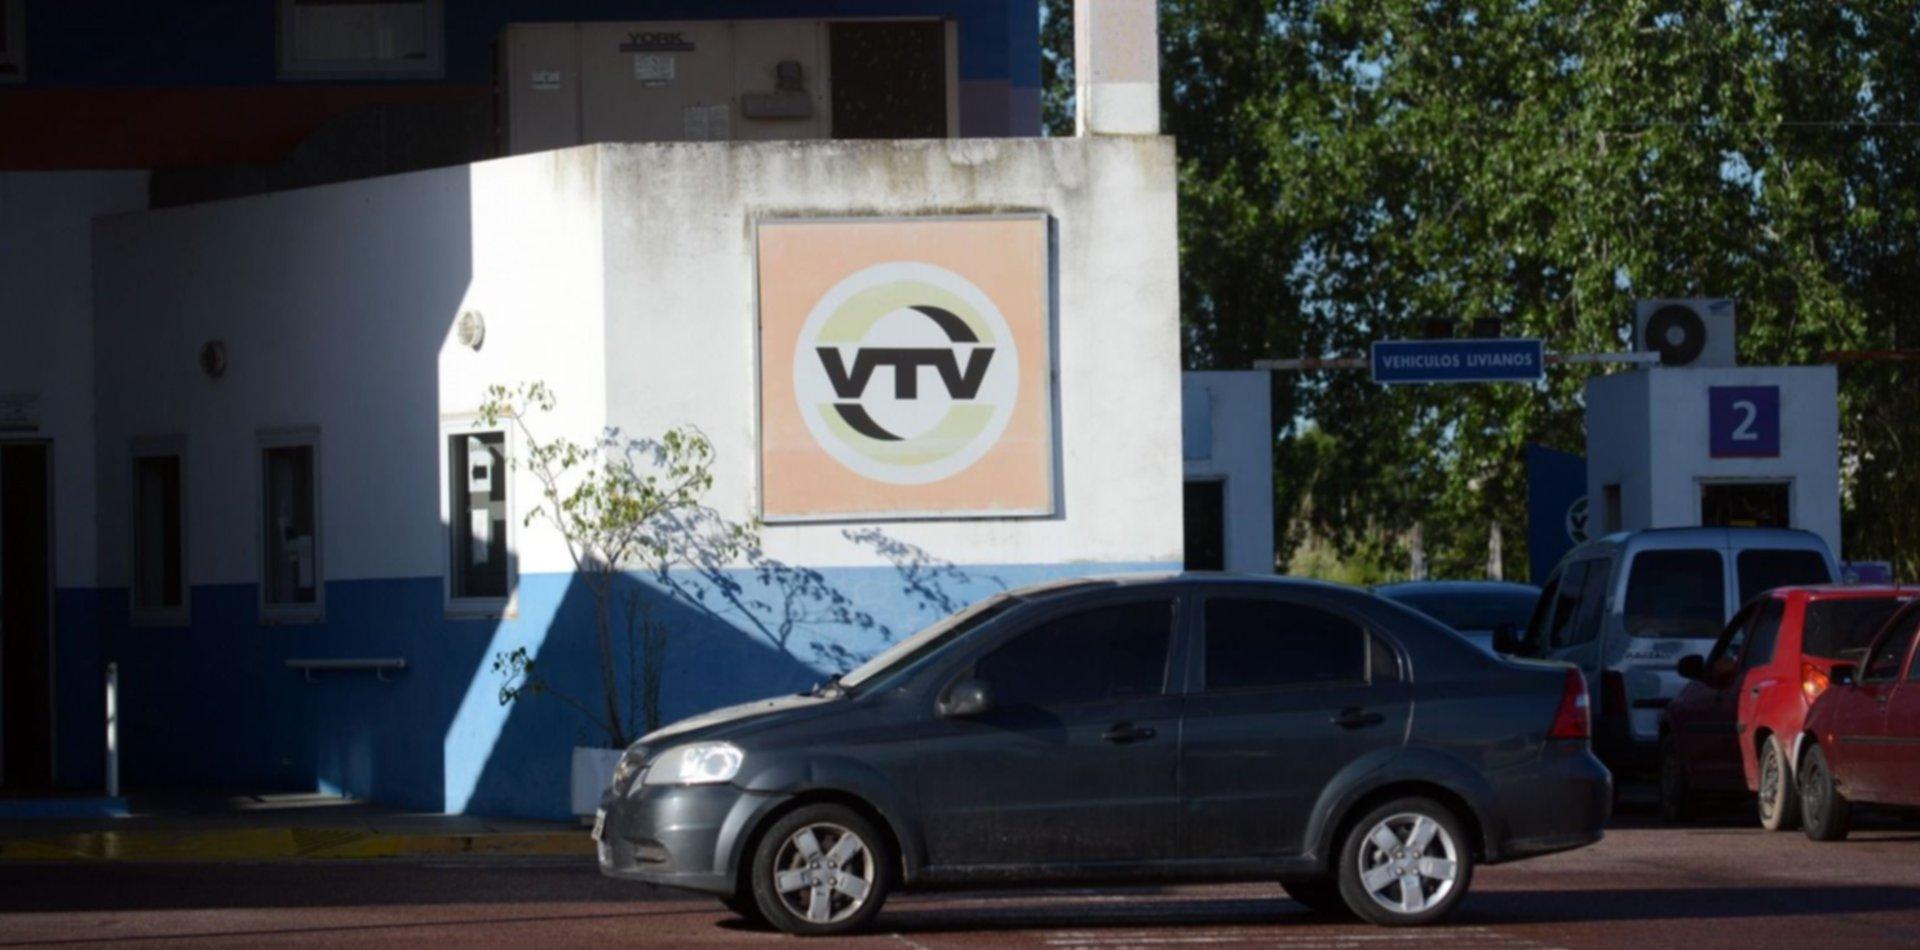 Tras las quejas por las colas eternas, amplían el horario de atención de la VTV en La Plata